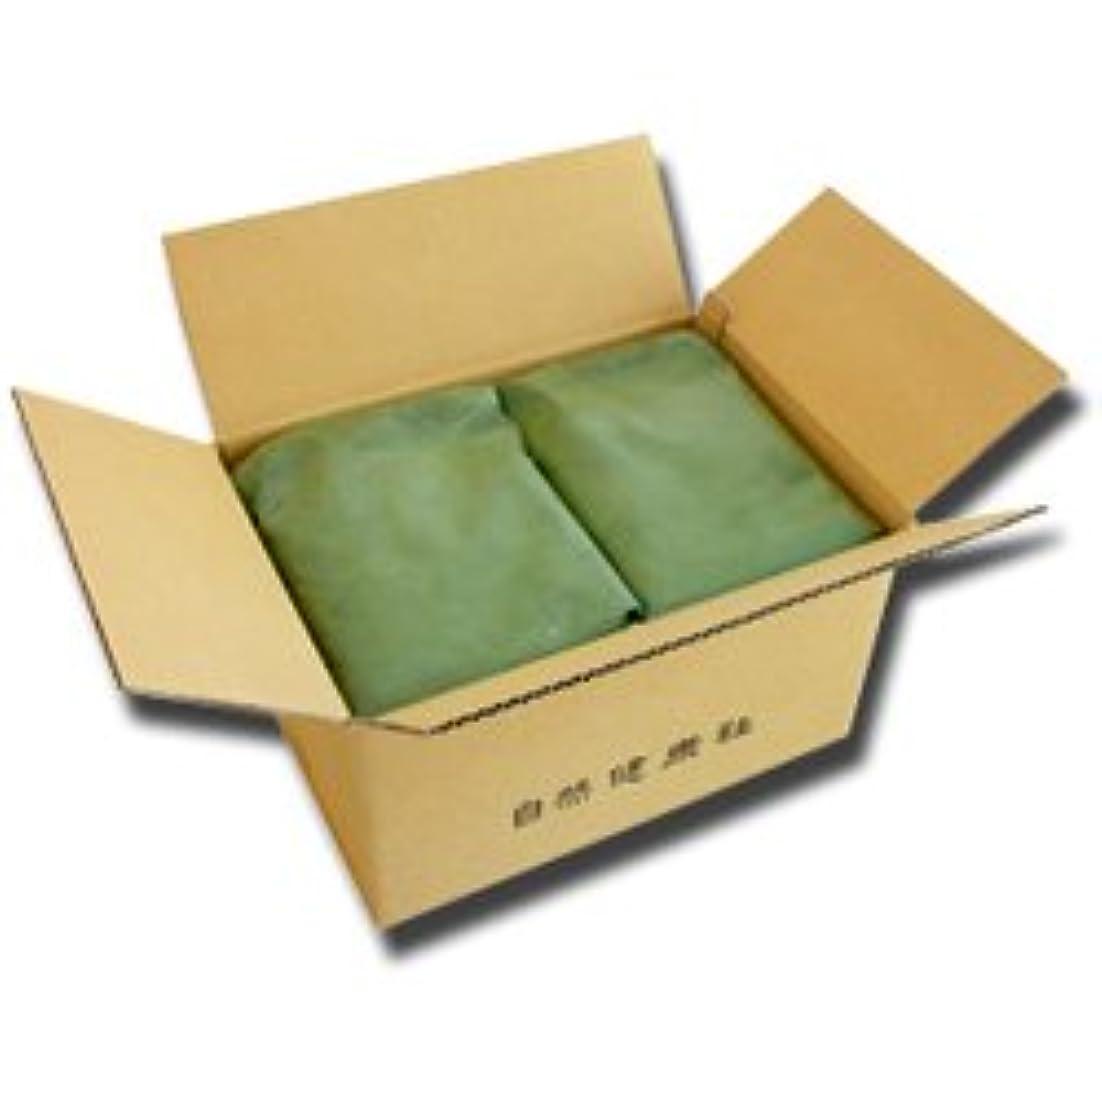 ブースタール品業務用 国産?カテキン抹茶(カテキン10%以上含有) 5kg×2 卸用 粉末